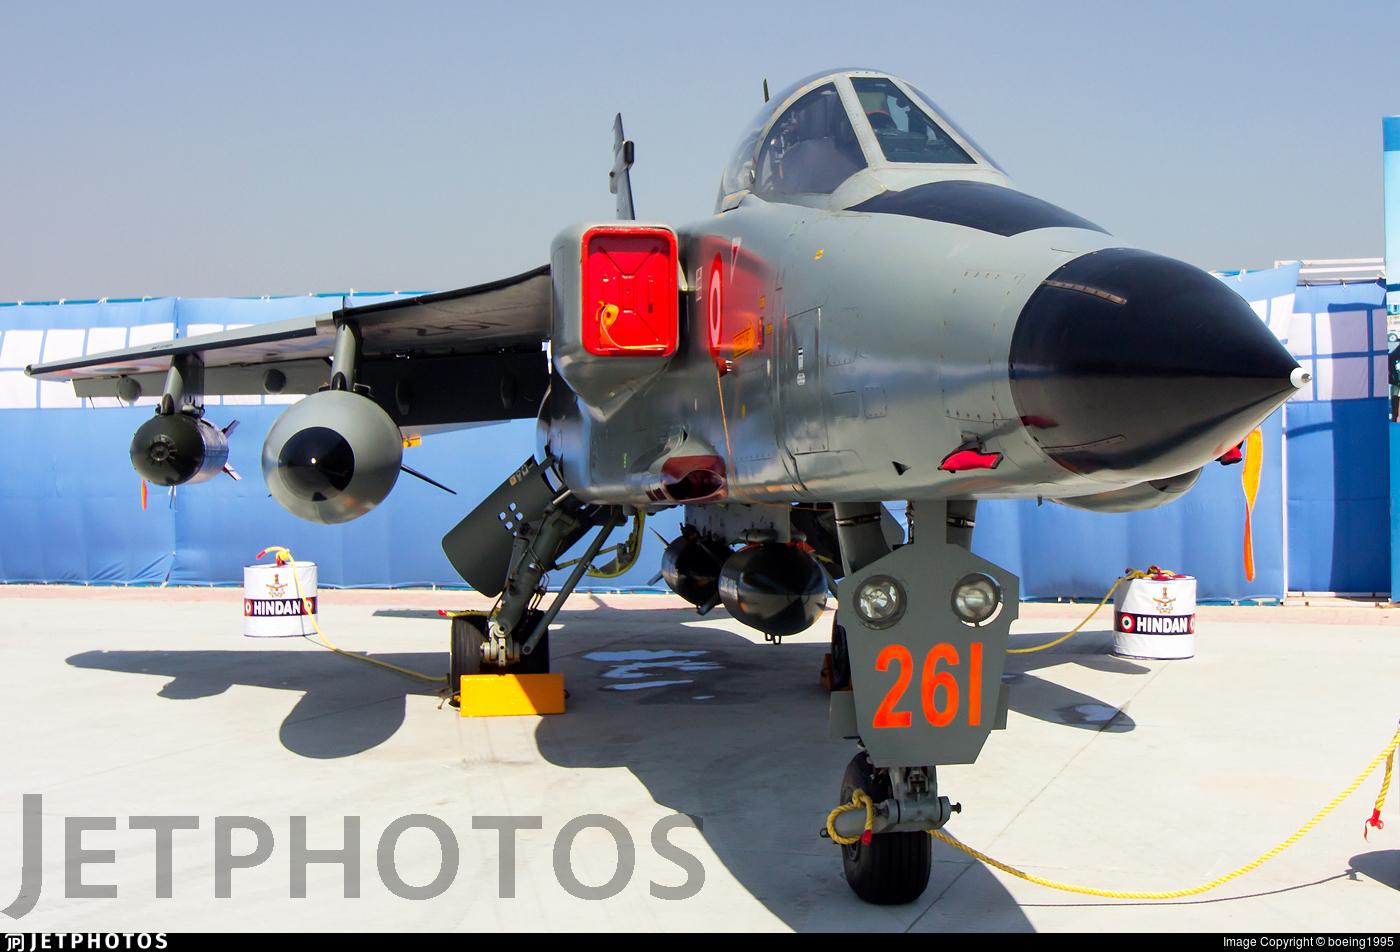 JS261 - Sepecat Jaguar IS - India - Air Force